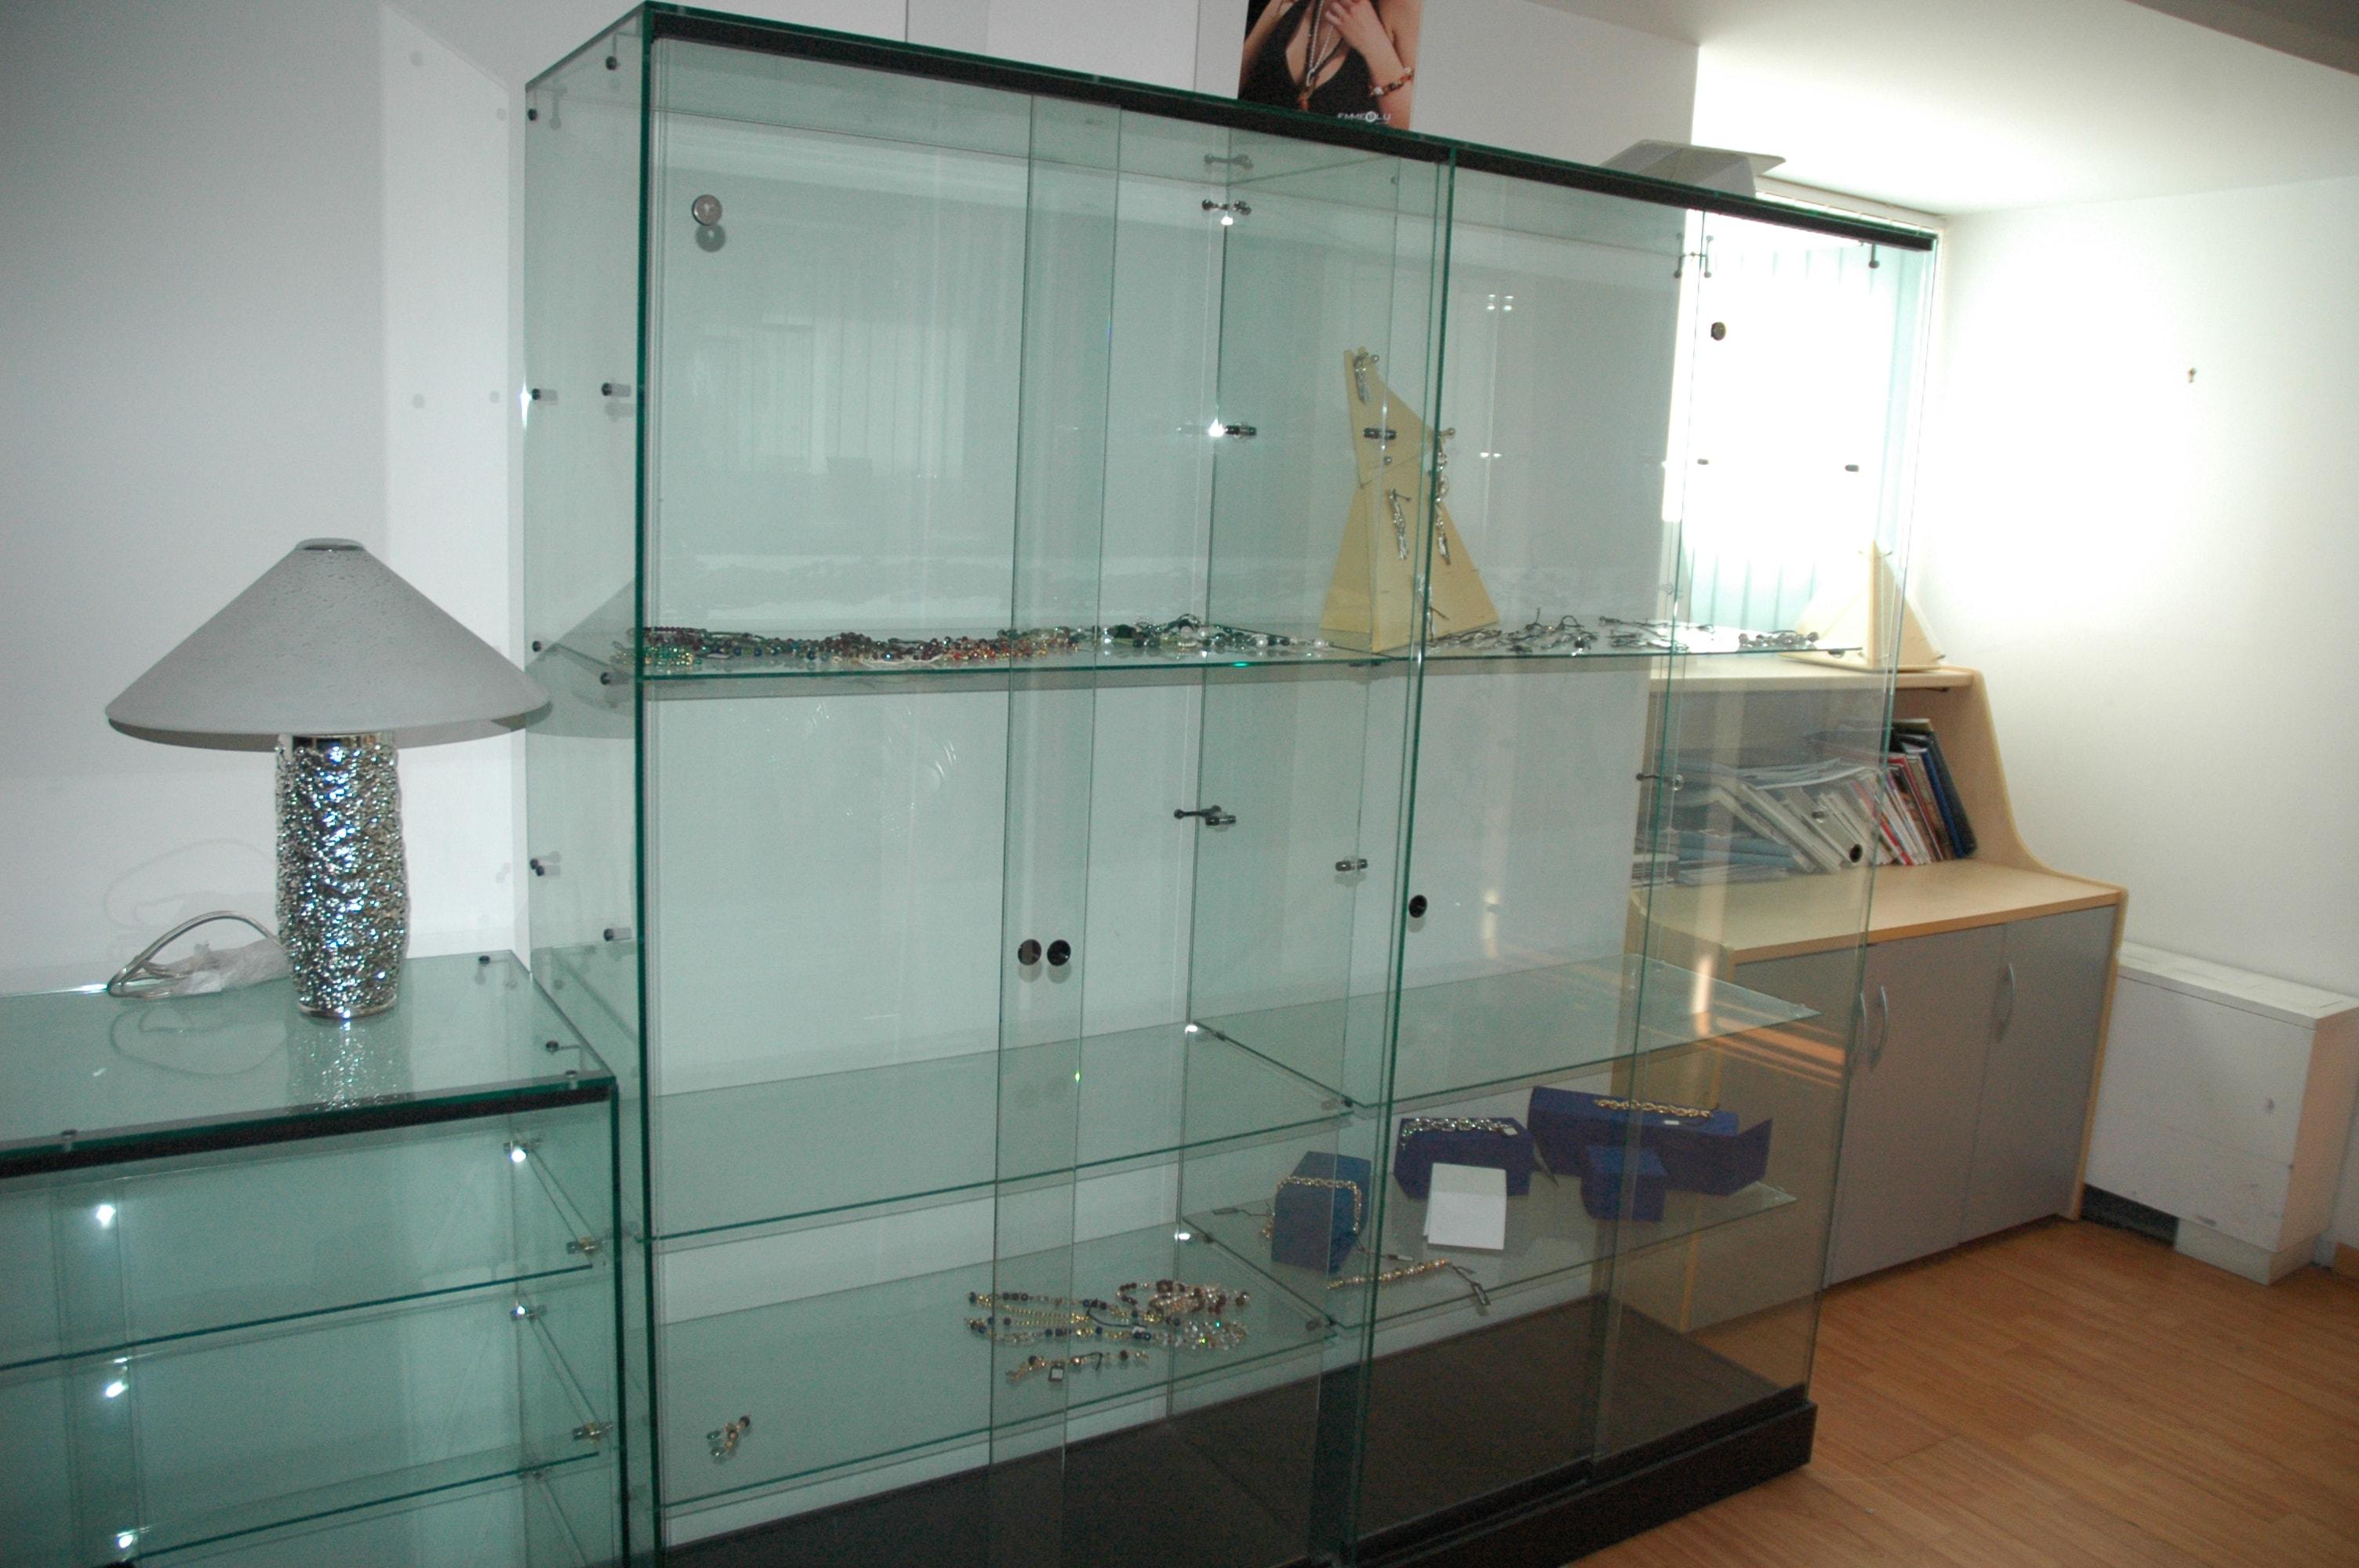 Stock mobili ufficio mash poltrone da ufficio pelle for Stock mobili ufficio